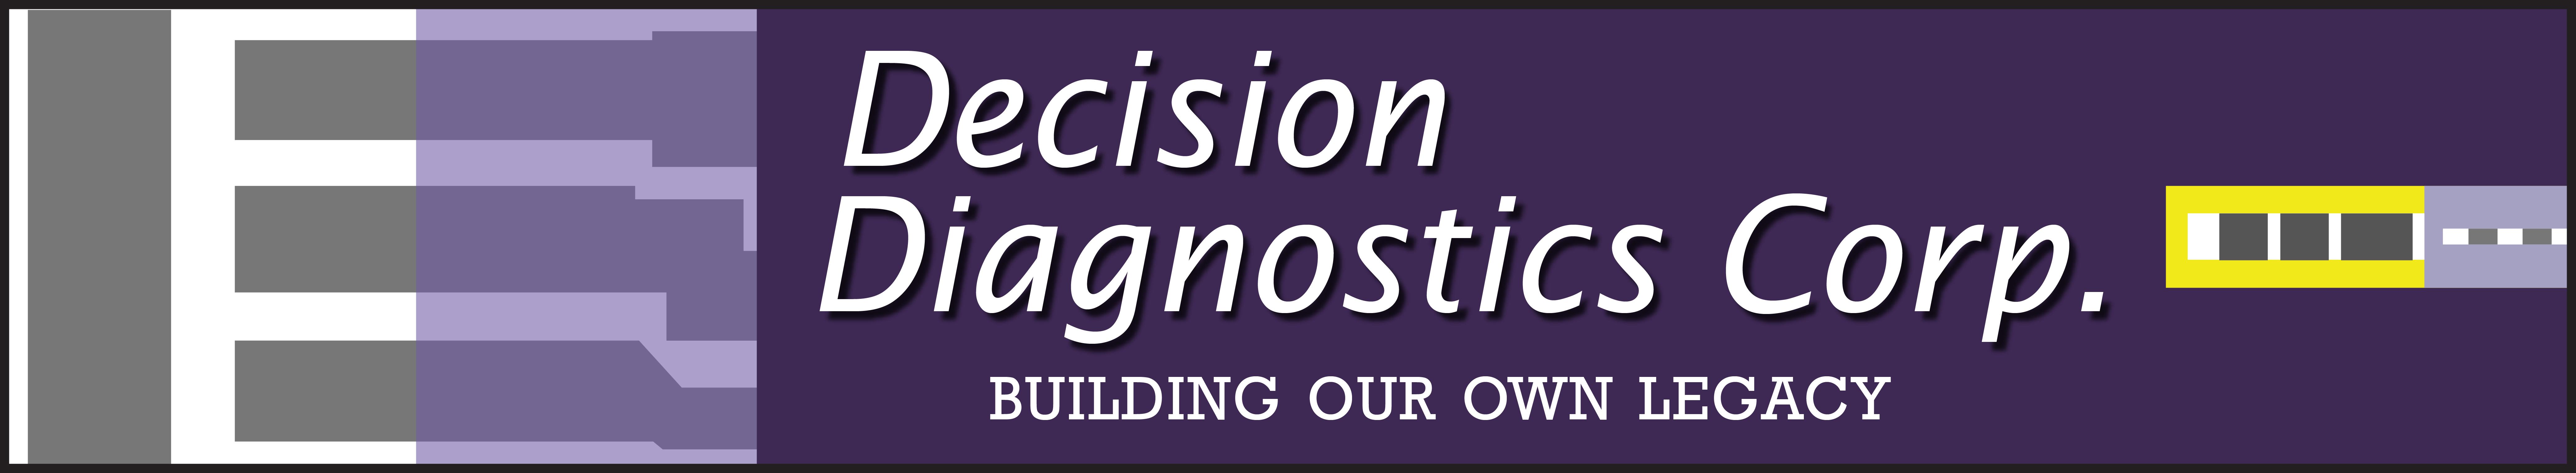 Decision Diagnostics Inc. (OTC:DECN)